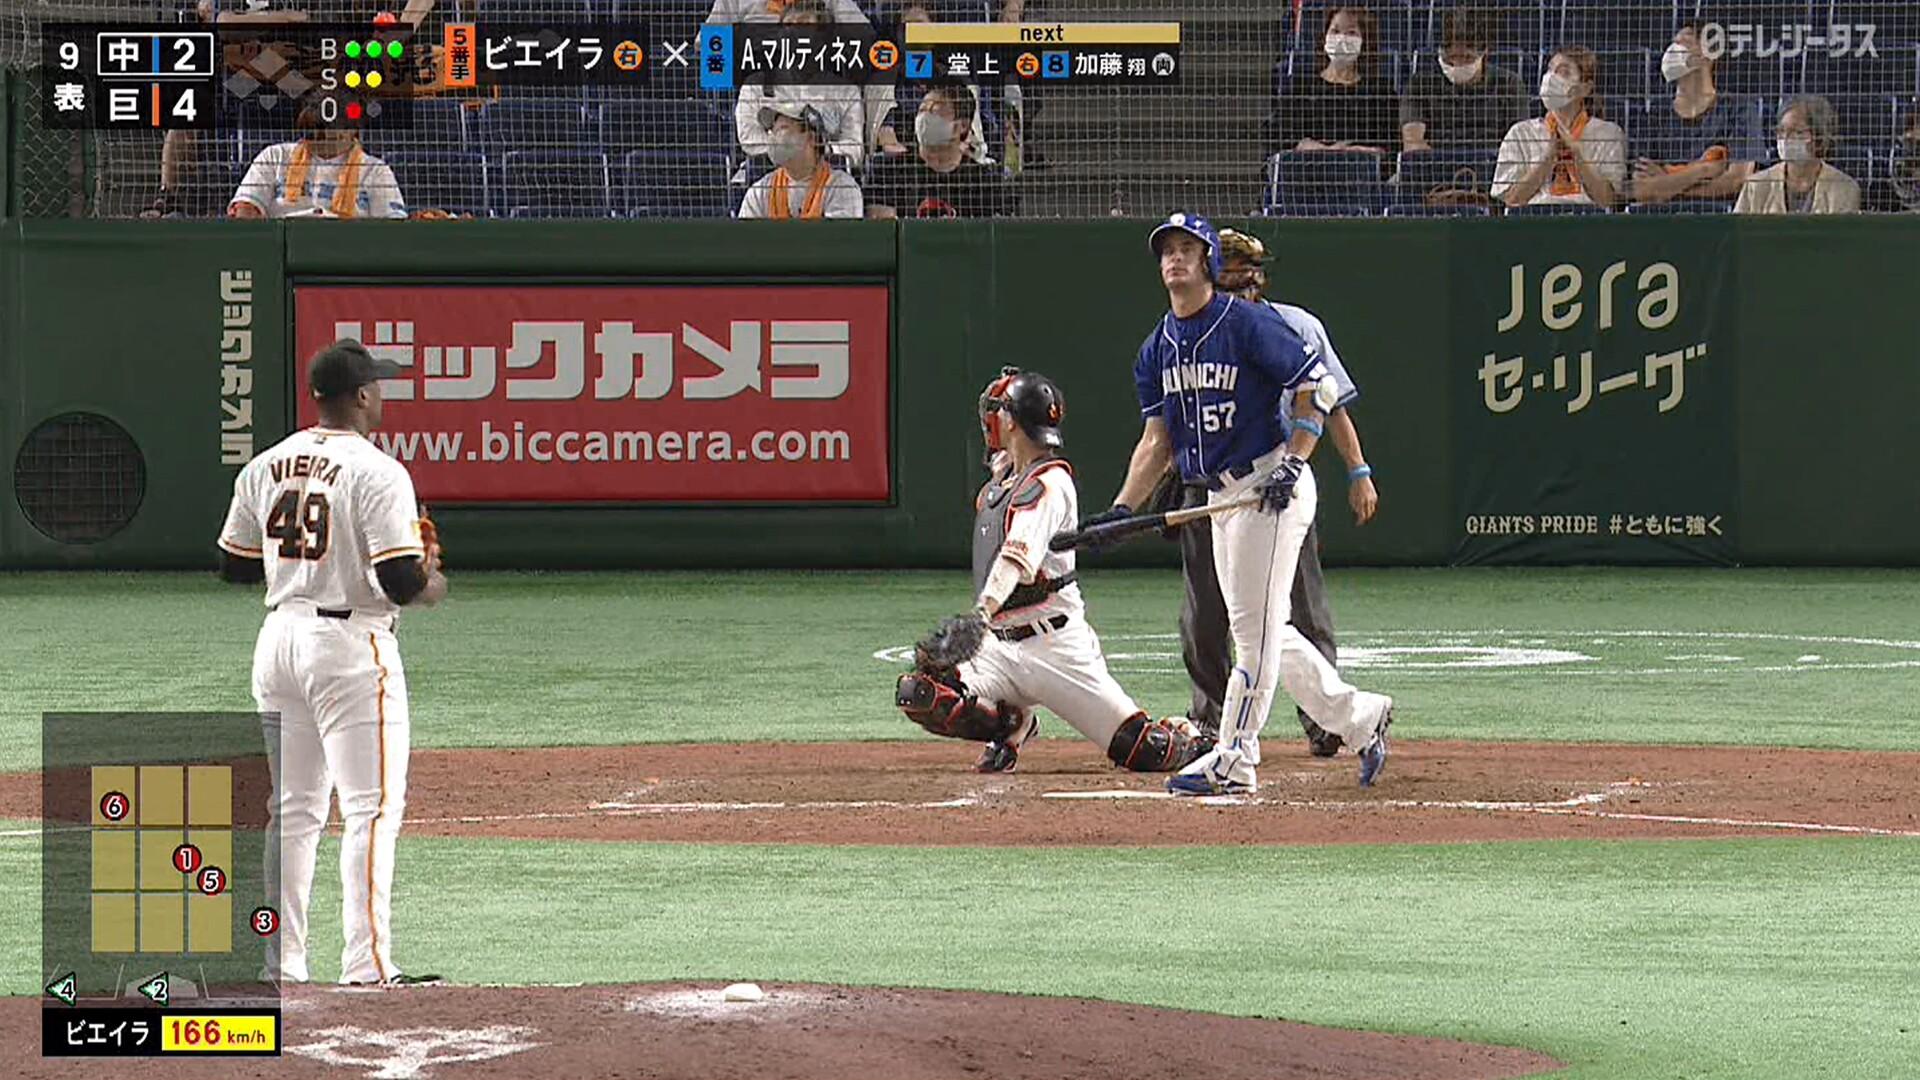 巨人・ビエイラ、166キロ!! 日本球界最速を更新